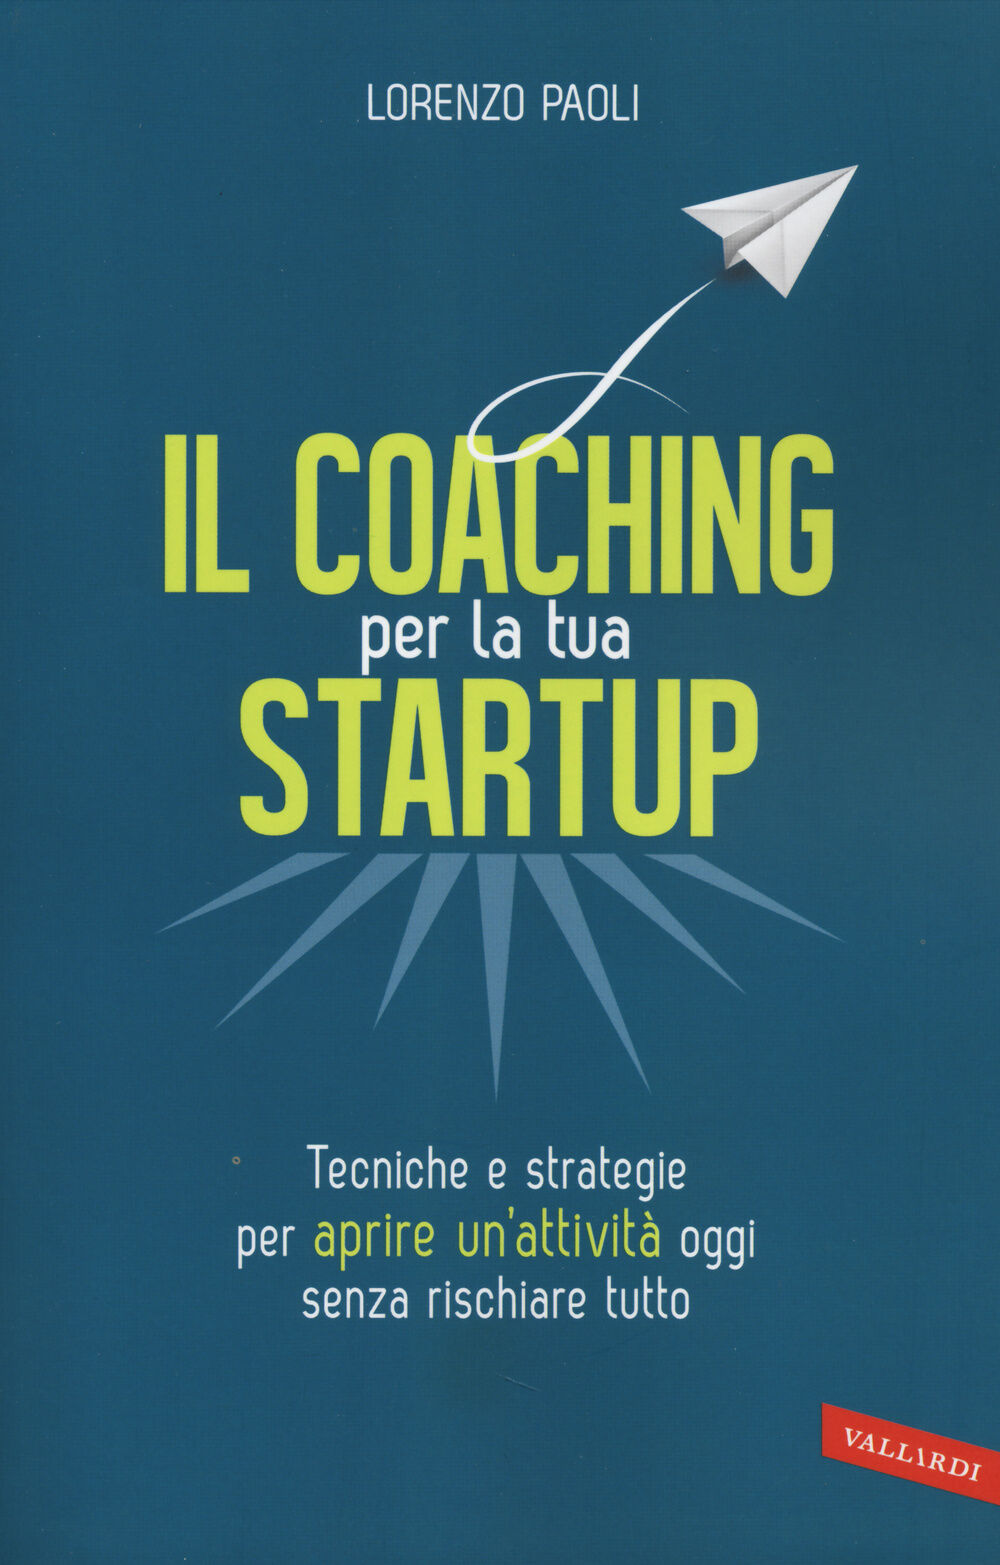 Il coaching per la tua startup